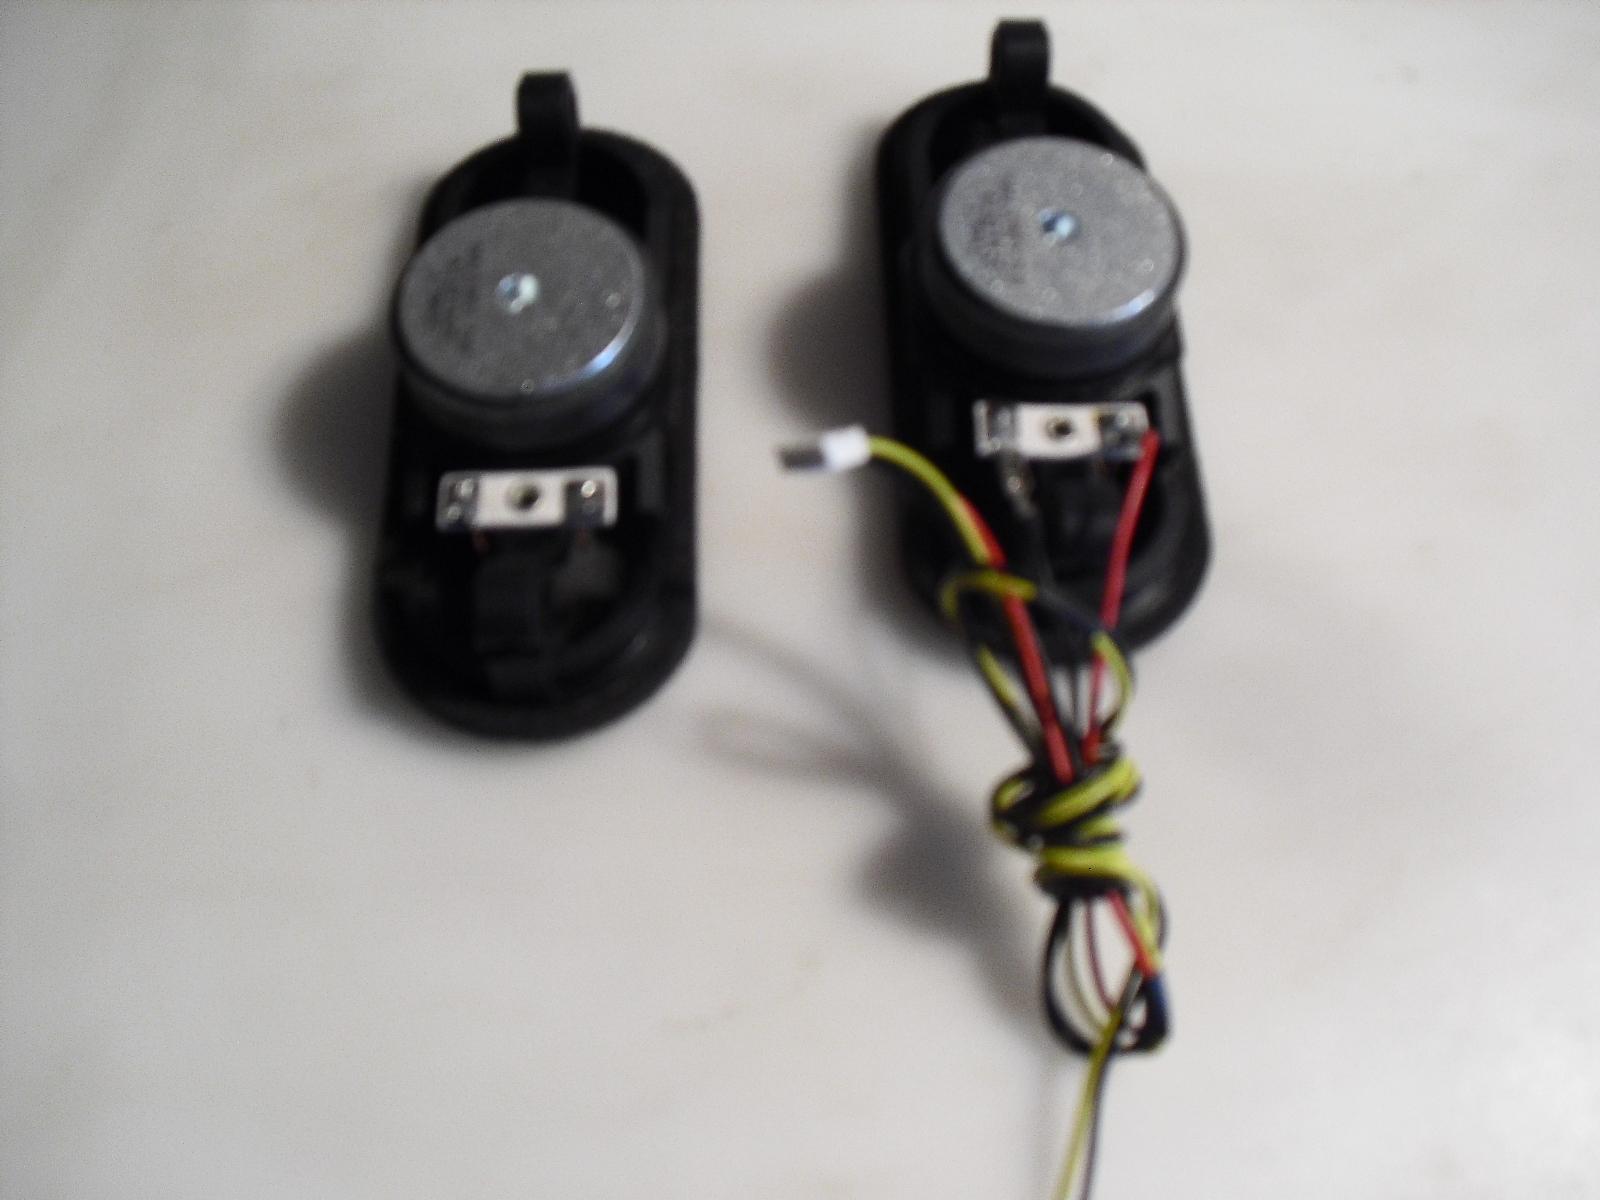 speakers   for  phillips   50pfL4901/f7b - $4.99